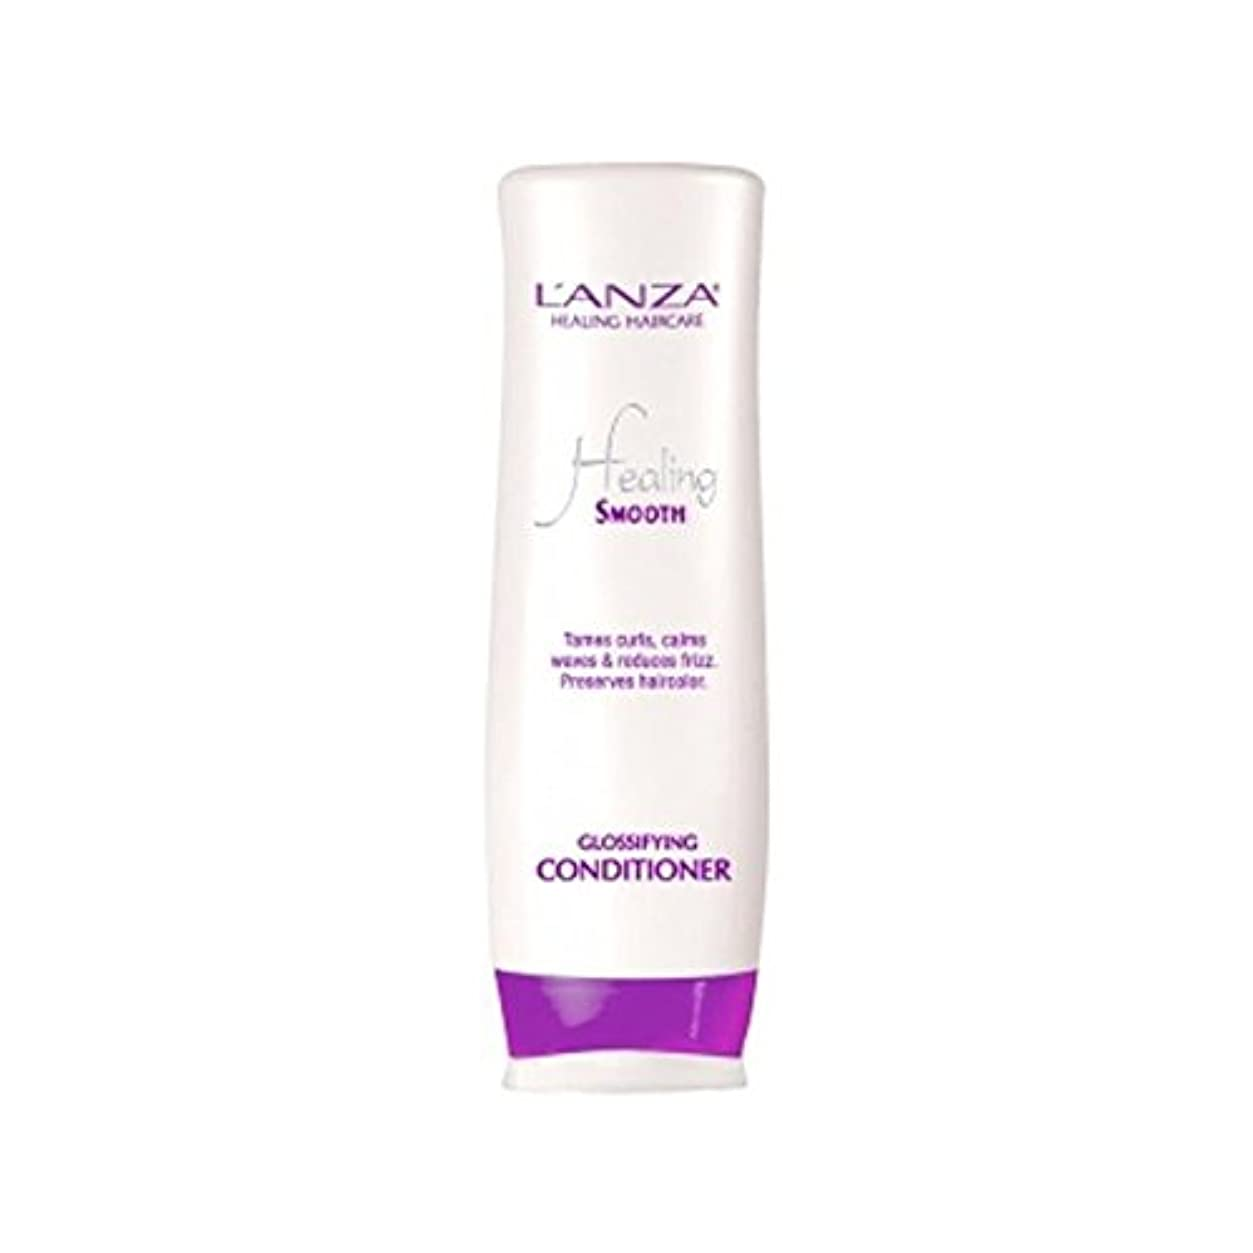 言い直すオプショナルコークスL'Anza Healing Smooth Glossifying Conditioner (250ml) (Pack of 6) - スムーズなコンディショナーを癒し'アンザ(250ミリリットル) x6 [並行輸入品]